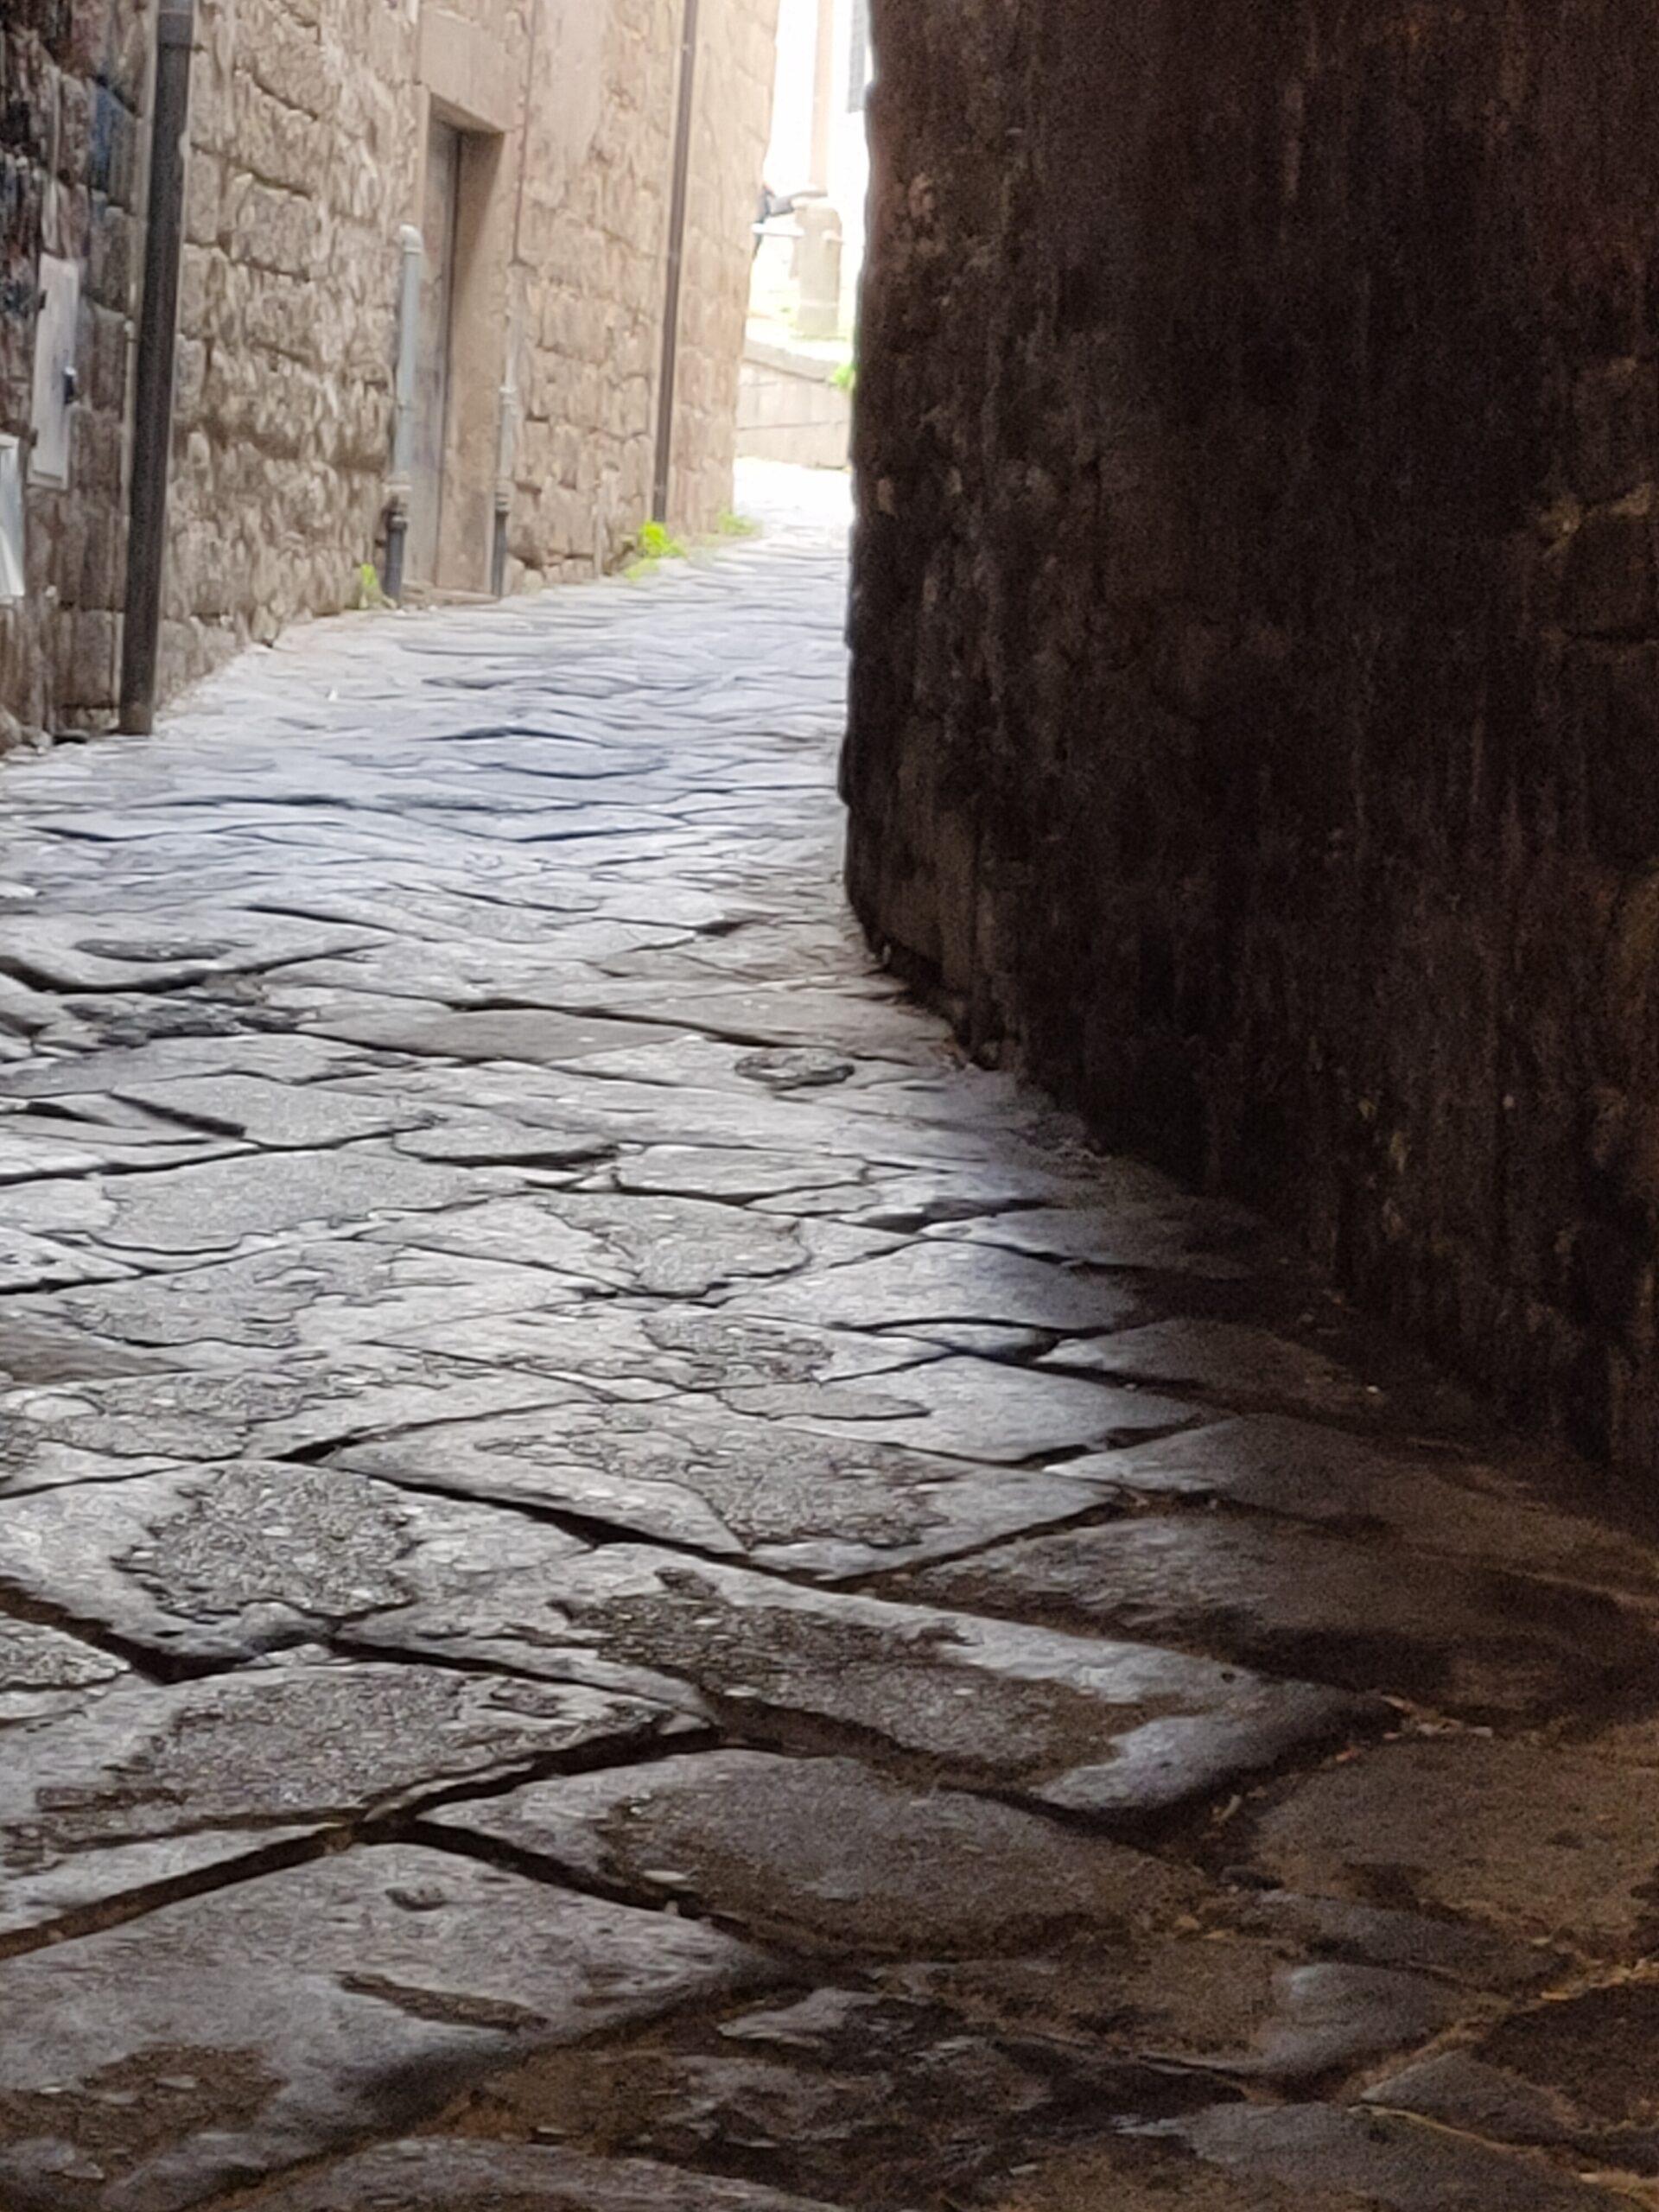 Viterbo, Via degli Scalzi, una cloaca a cielo aperto in pieno centro storico, e nessuno interviene